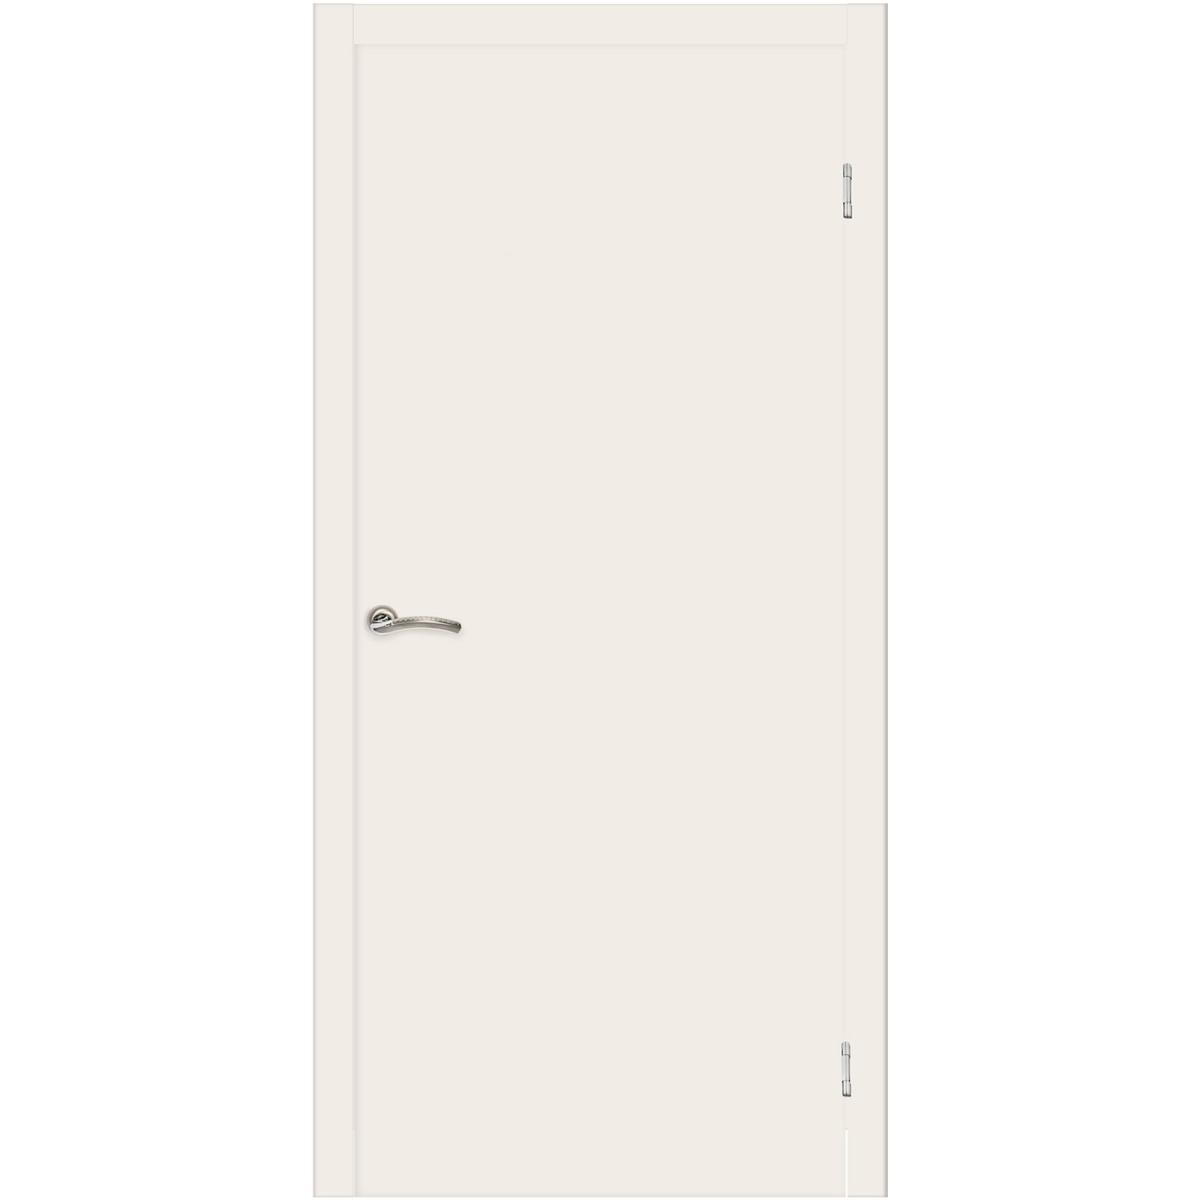 Дверь Межкомнатная Глухая 80x200 Ламинация Цвет Белый